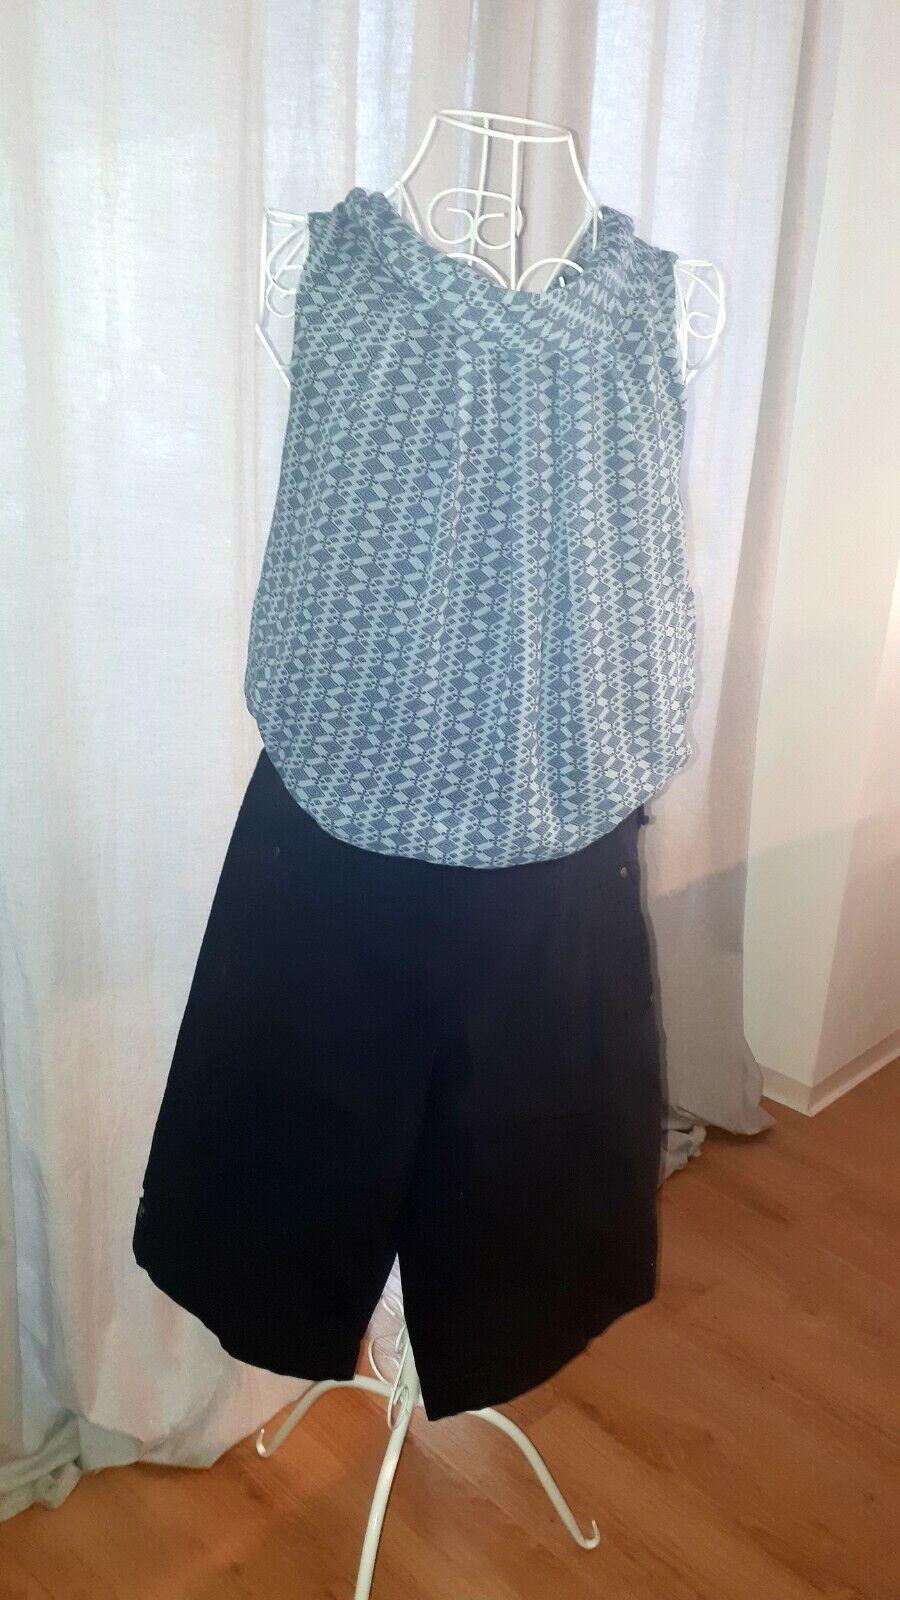 2-tlg Damen Bekleidungsset: marine Bermuda Shorts, hellblaues Blusen Shirt 40/42